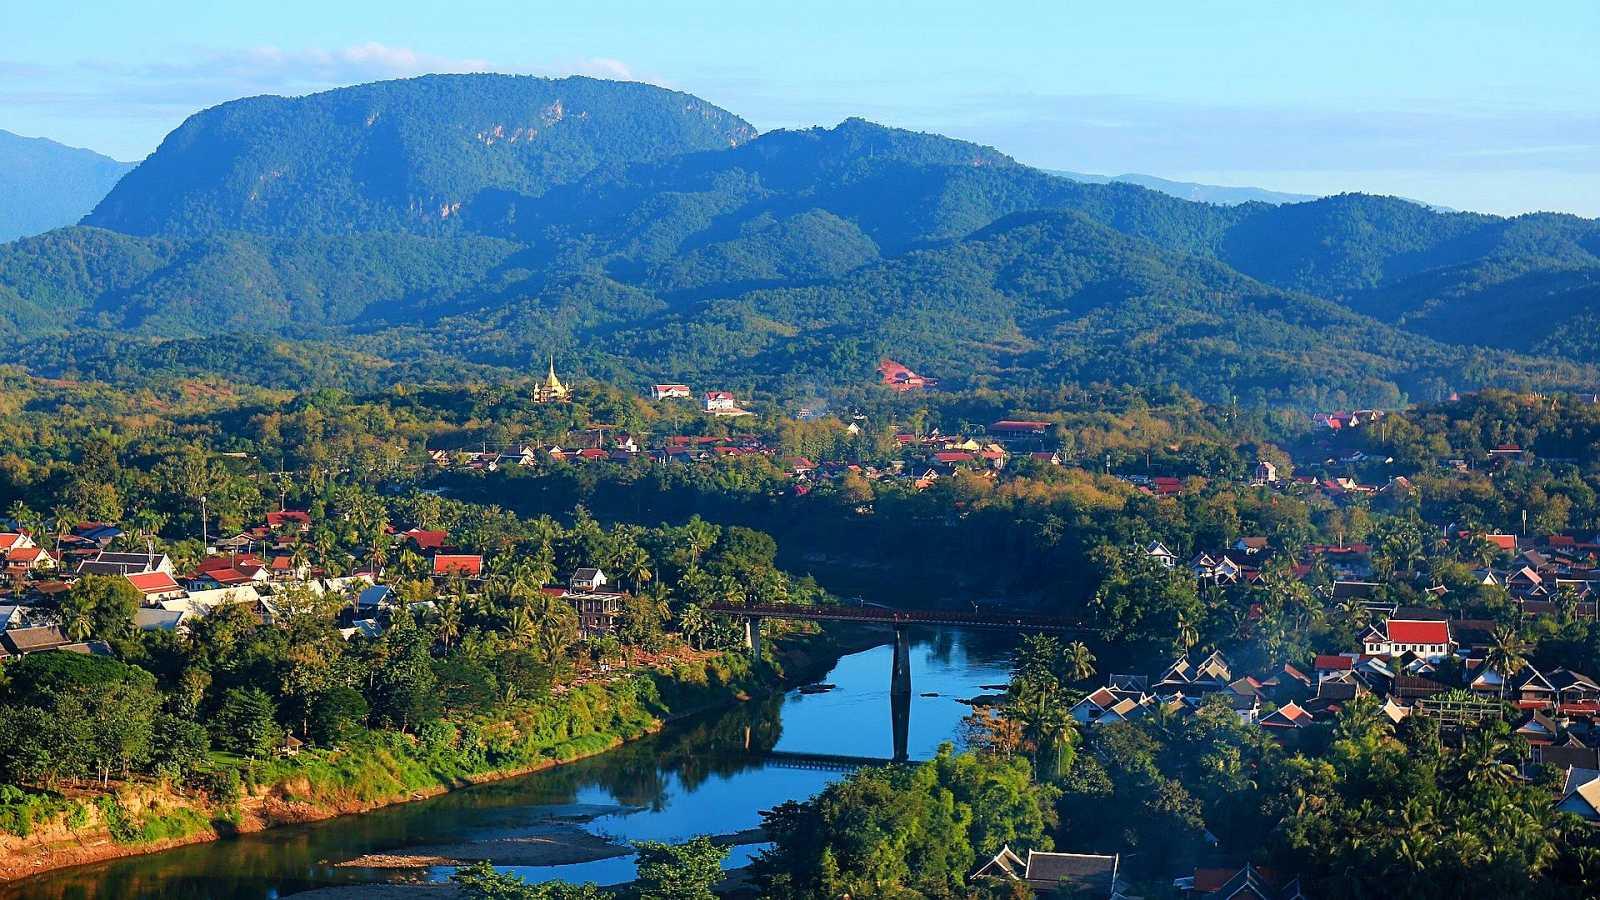 Nómadas - Laos, un secreto entre bosques - 12/09/20 - escuchar ahora